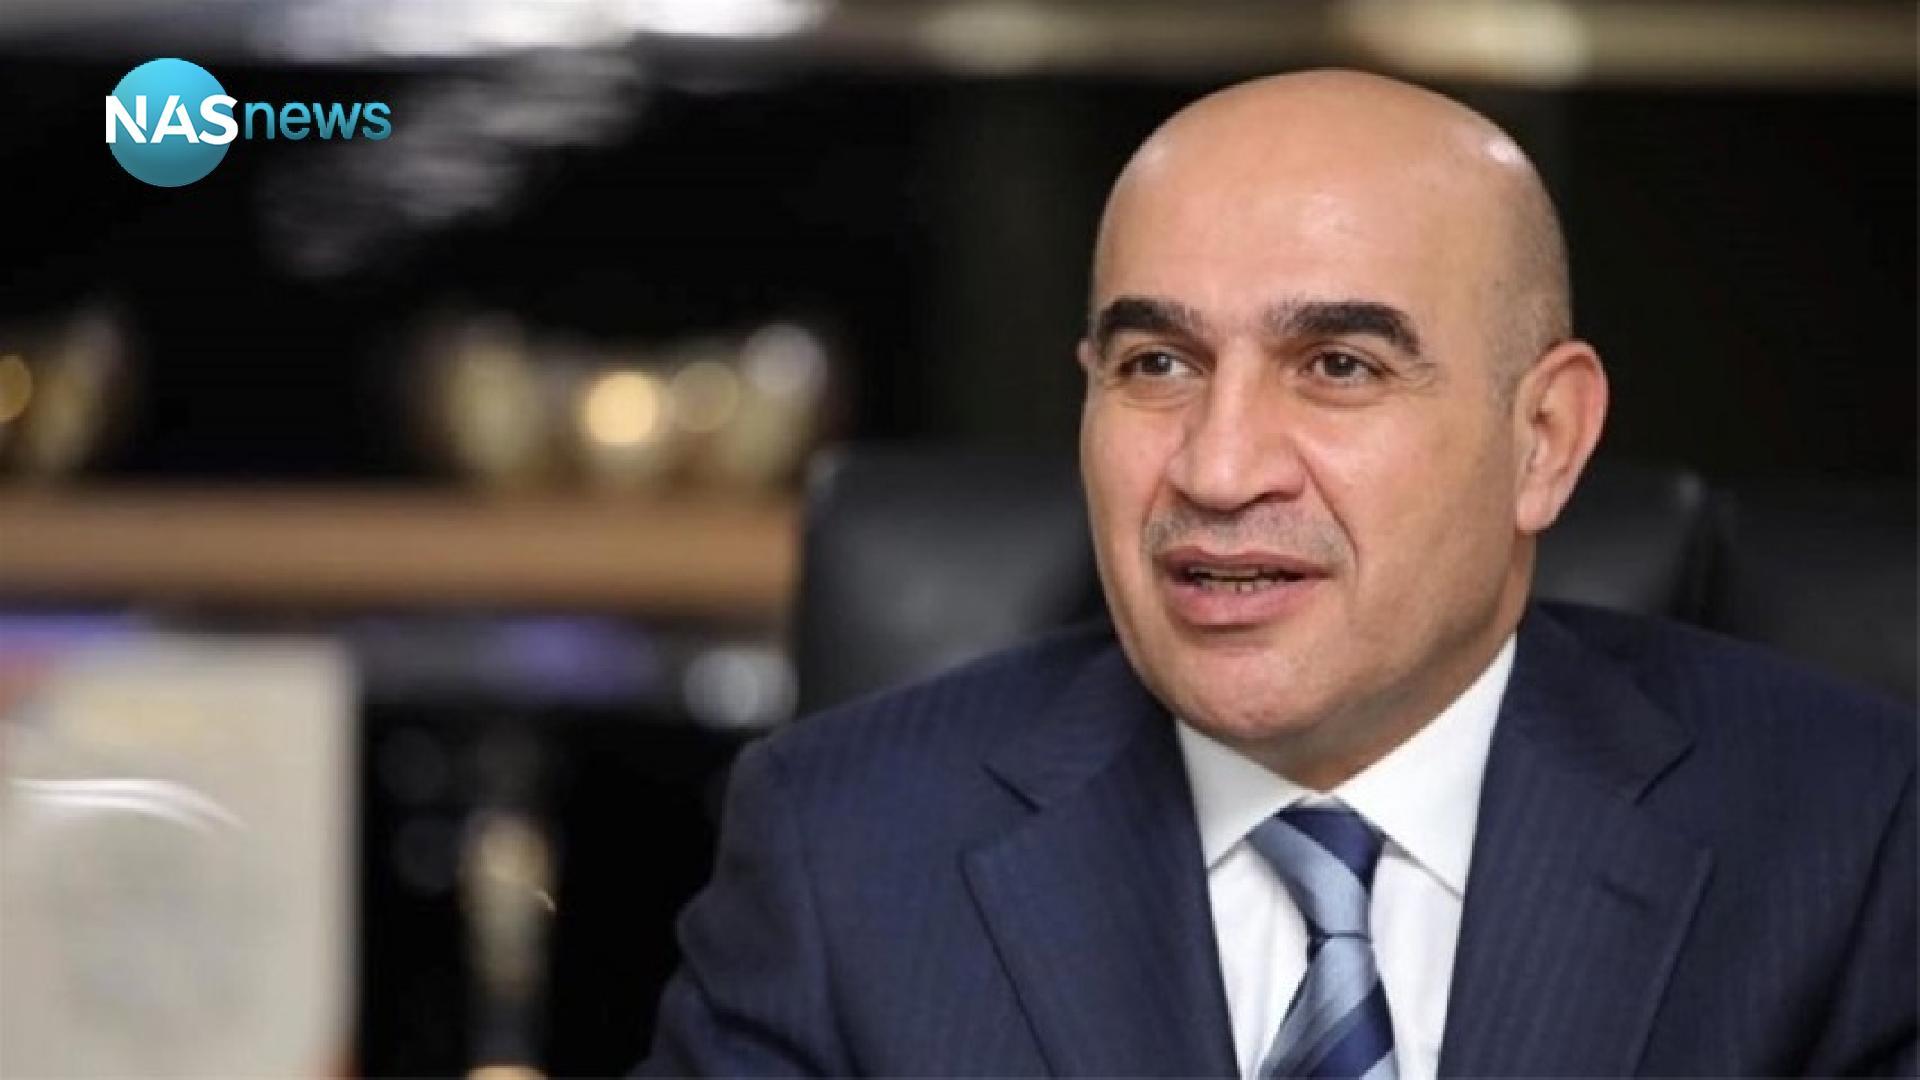 قيادي في حزب بارزاني يجيب على سؤال: متى ستقام الدولة الكردية؟